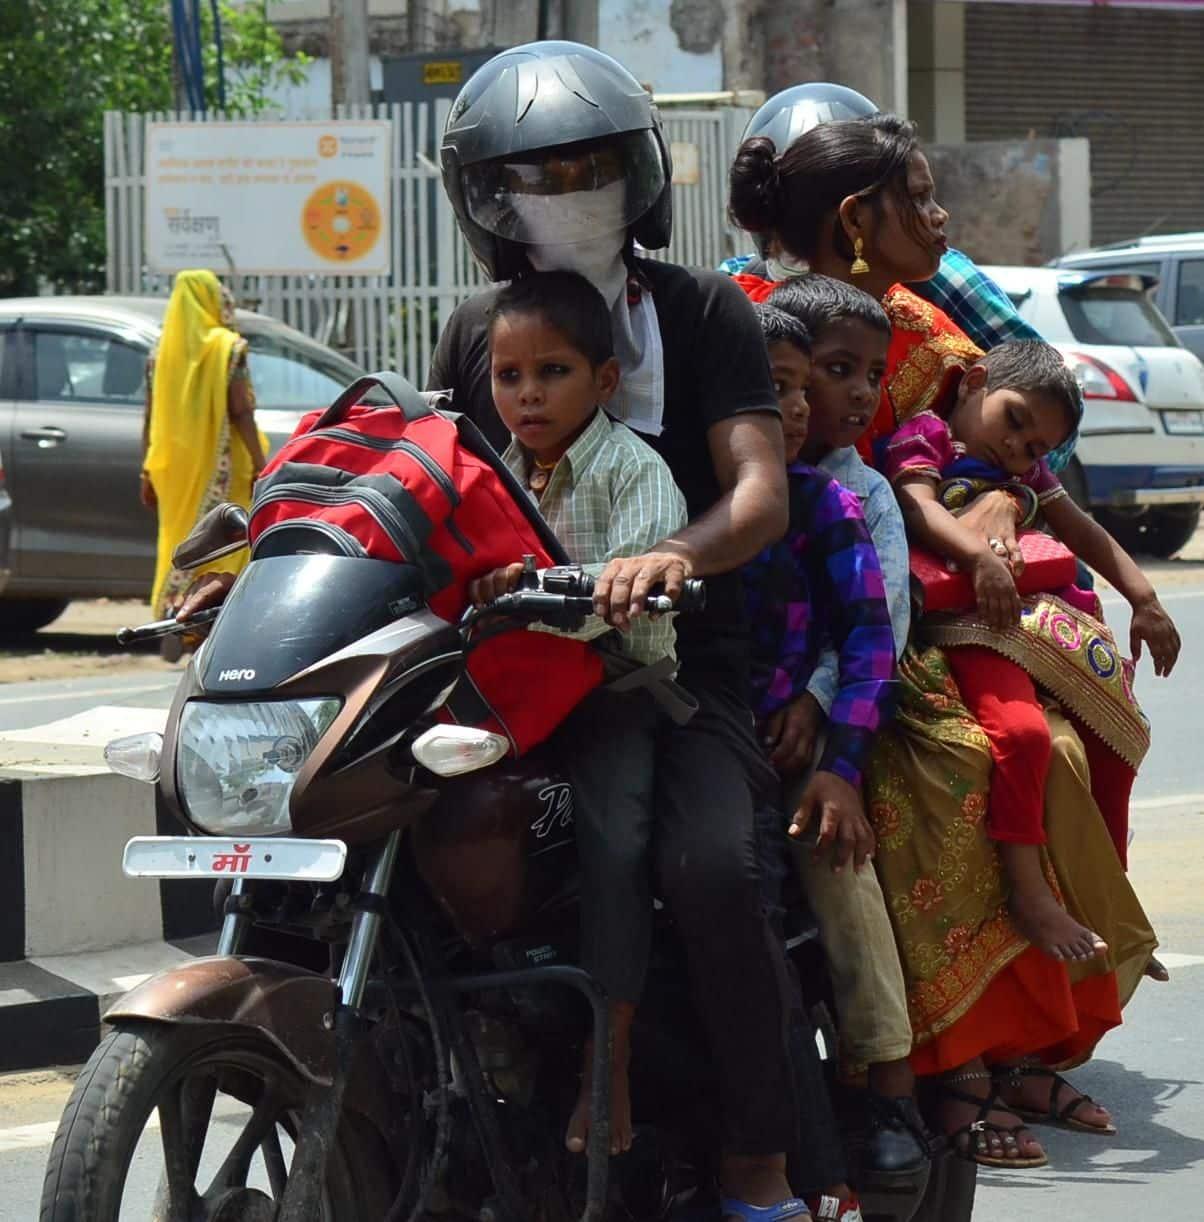 आगरा में गर्मी के कहर के बीच एक ही बाइक पर 2 मियां-बीवी और 4 बच्चों का परिवार सवार।